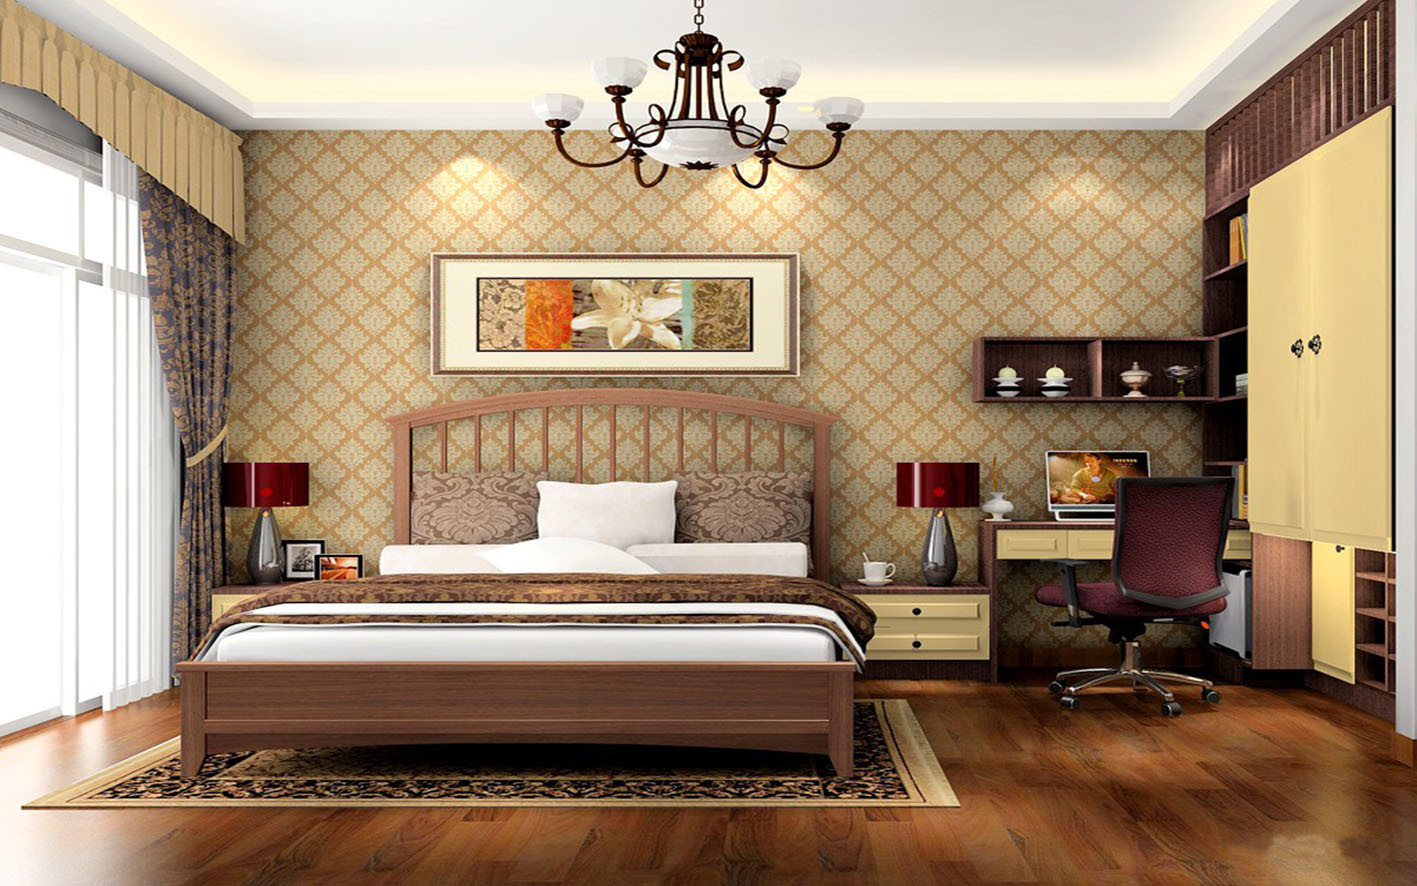 Foto de 2017 moda mobiliario de dormitorio armario gabinete y juego de cama zy 011 en es made - Chambre a coucher tunisie 2017 ...